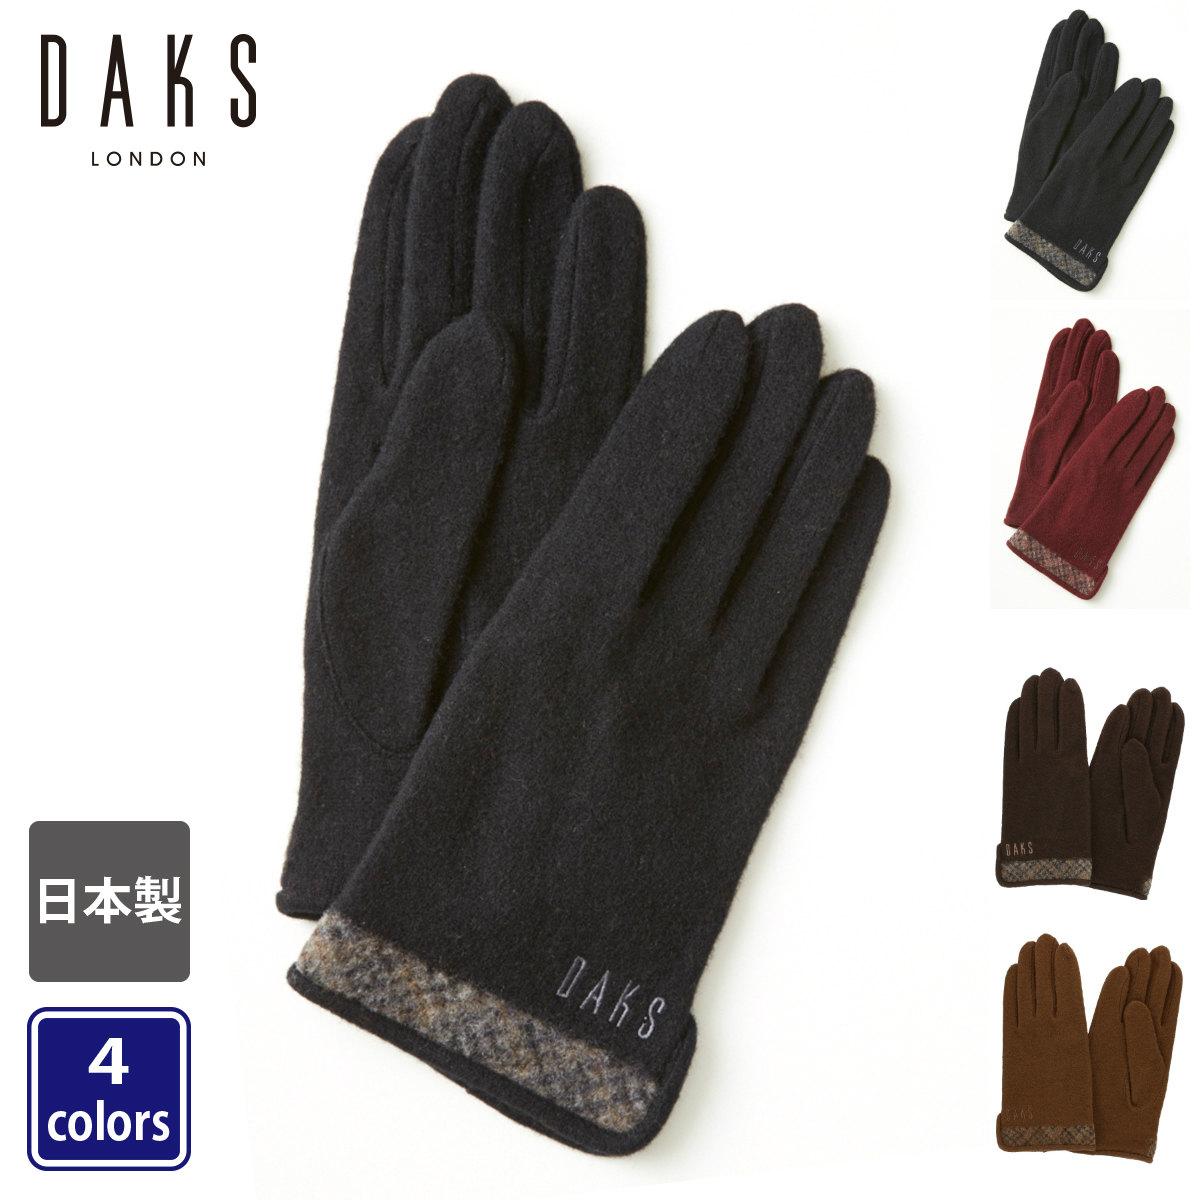 DAKS ラムウール混ジャージ メンズ手袋 裾ニードルパンチフェルトチェック柄 日本製 23〜24cm(M) 全4色